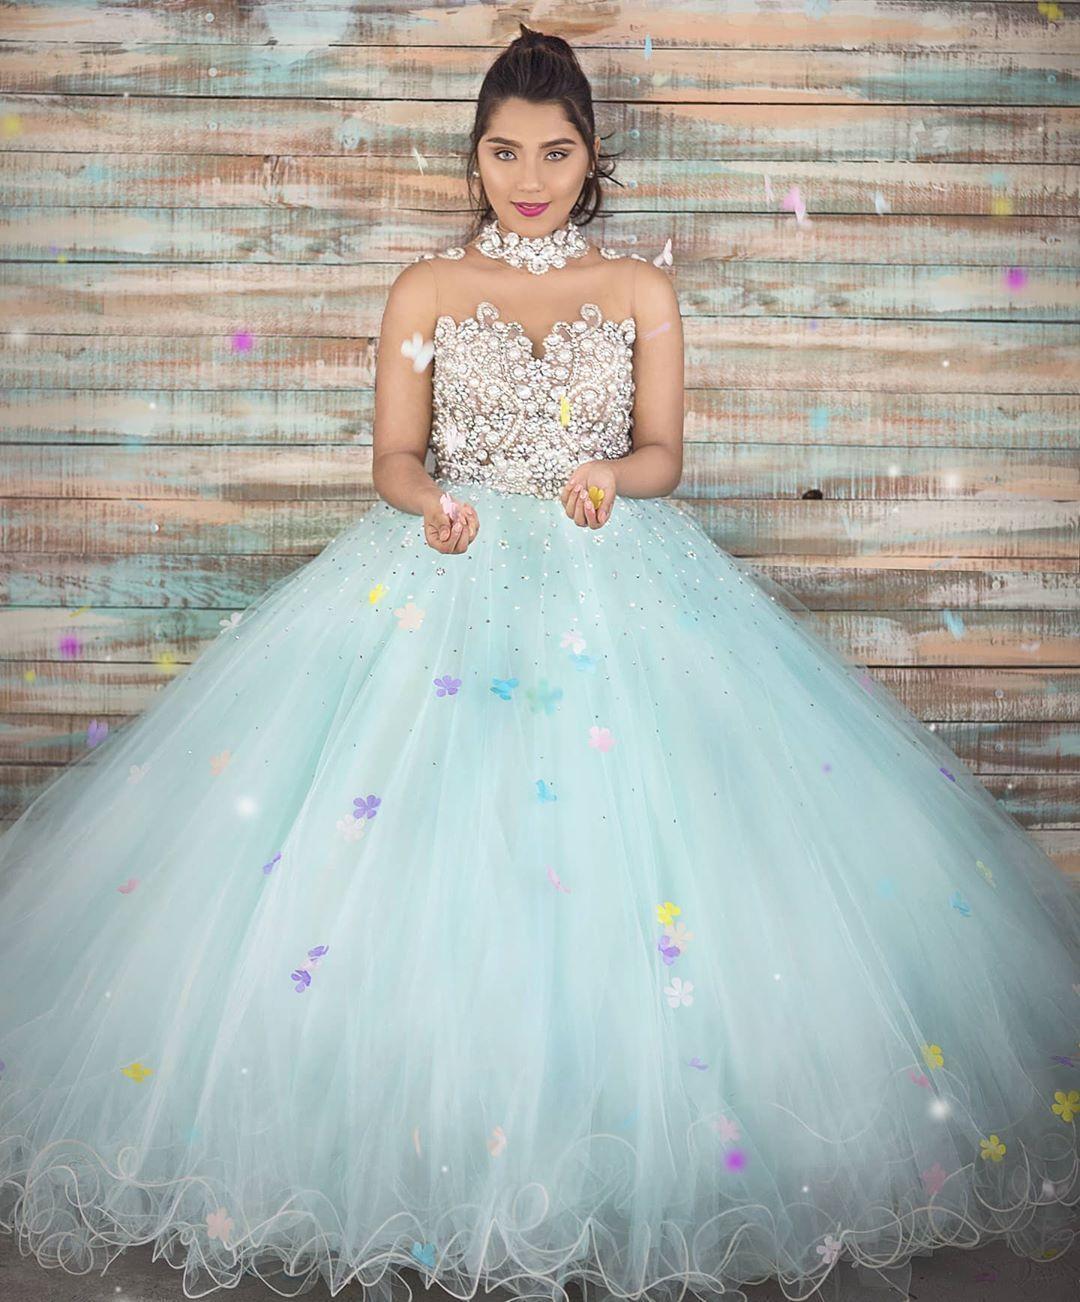 Luxuosos Cristais frisada Quinceanera Prom Dresses Feito à Mão Flores Sheer Neck Tulle Evening partido do doce 16 Vestido